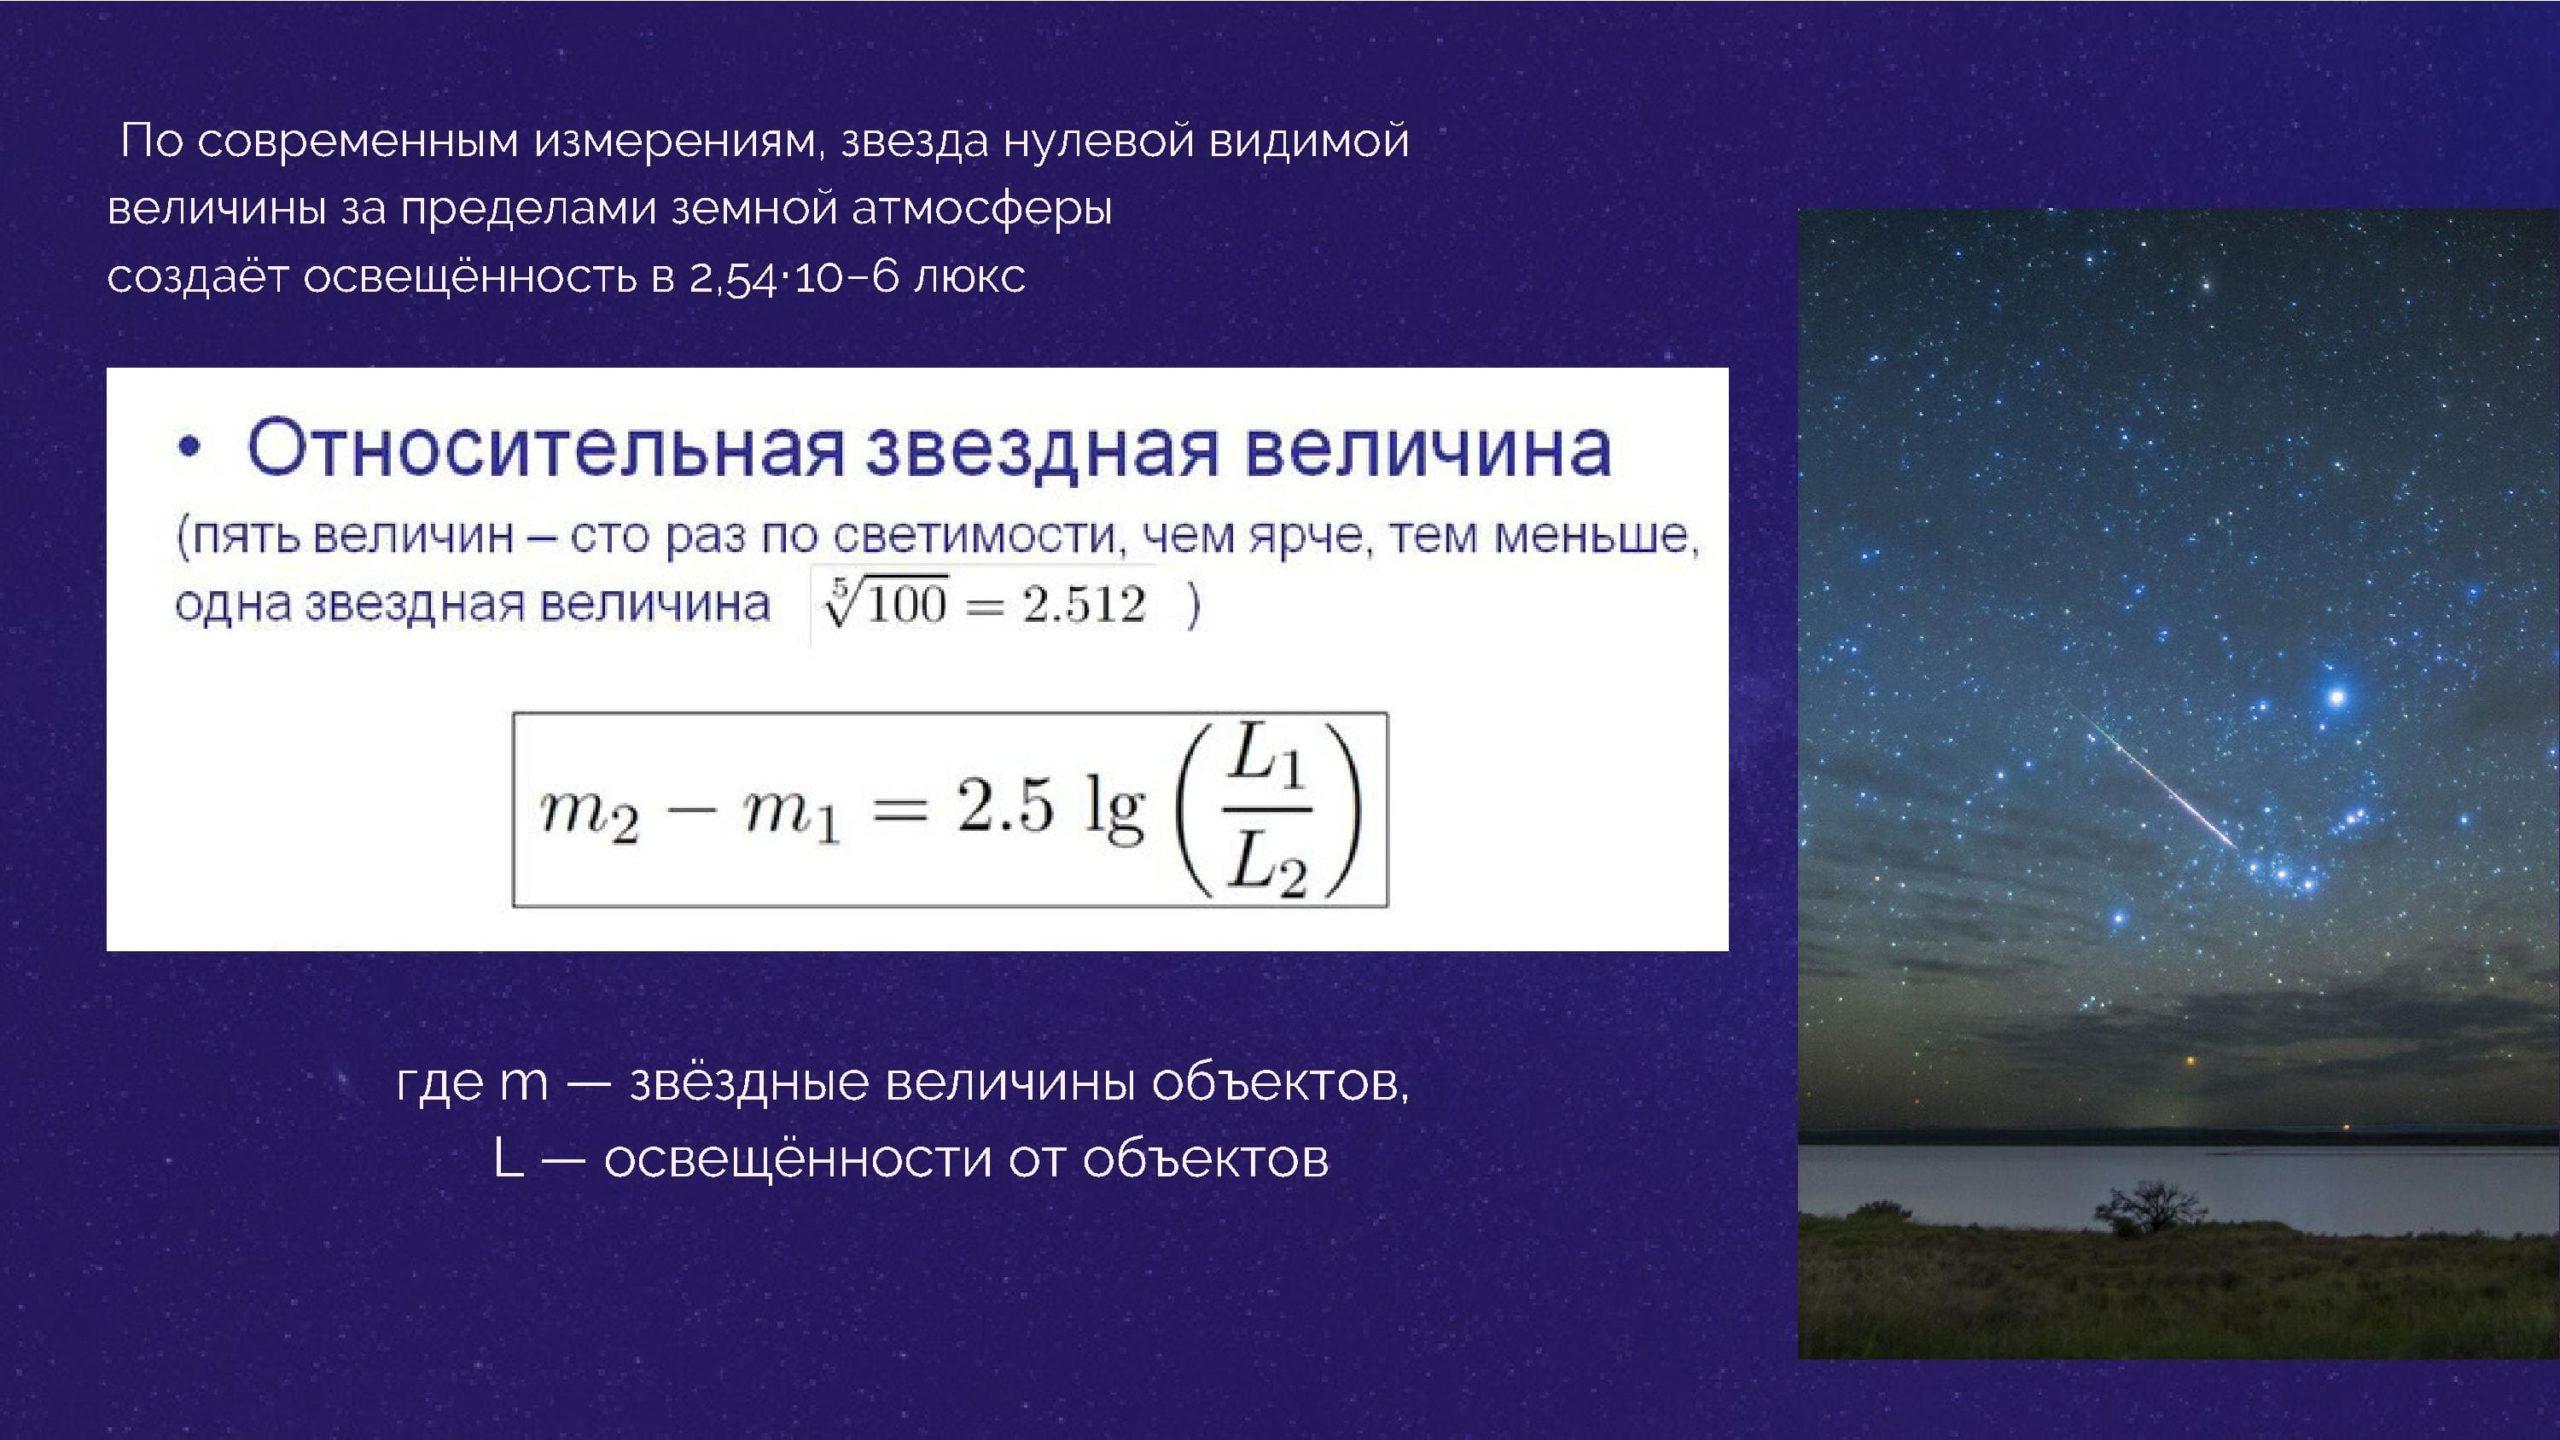 Относительная звездная величина